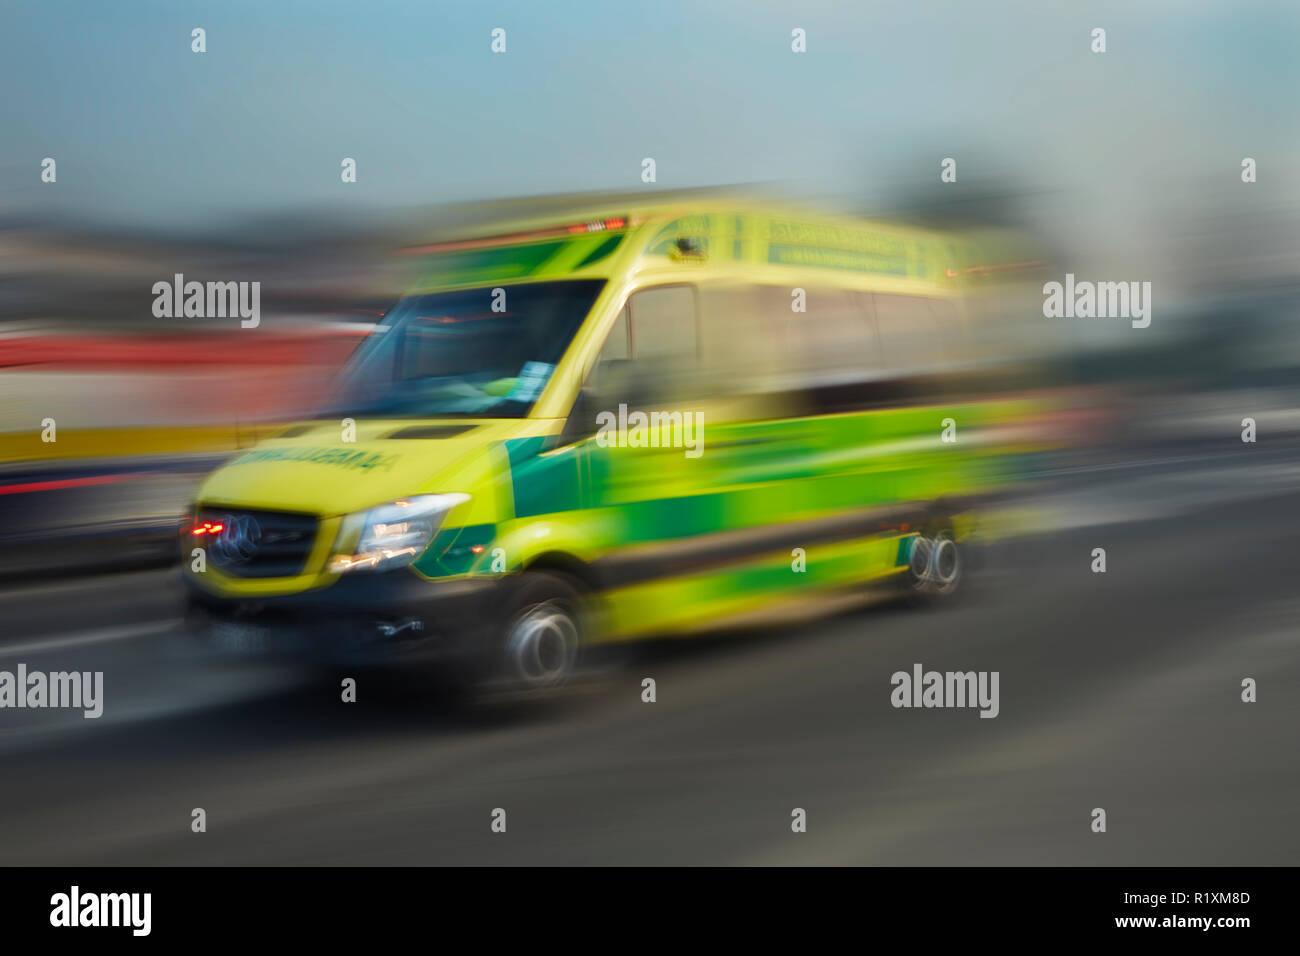 Speeding Ambulance, Dunedin, Otago, South Island, New Zealand - Stock Image